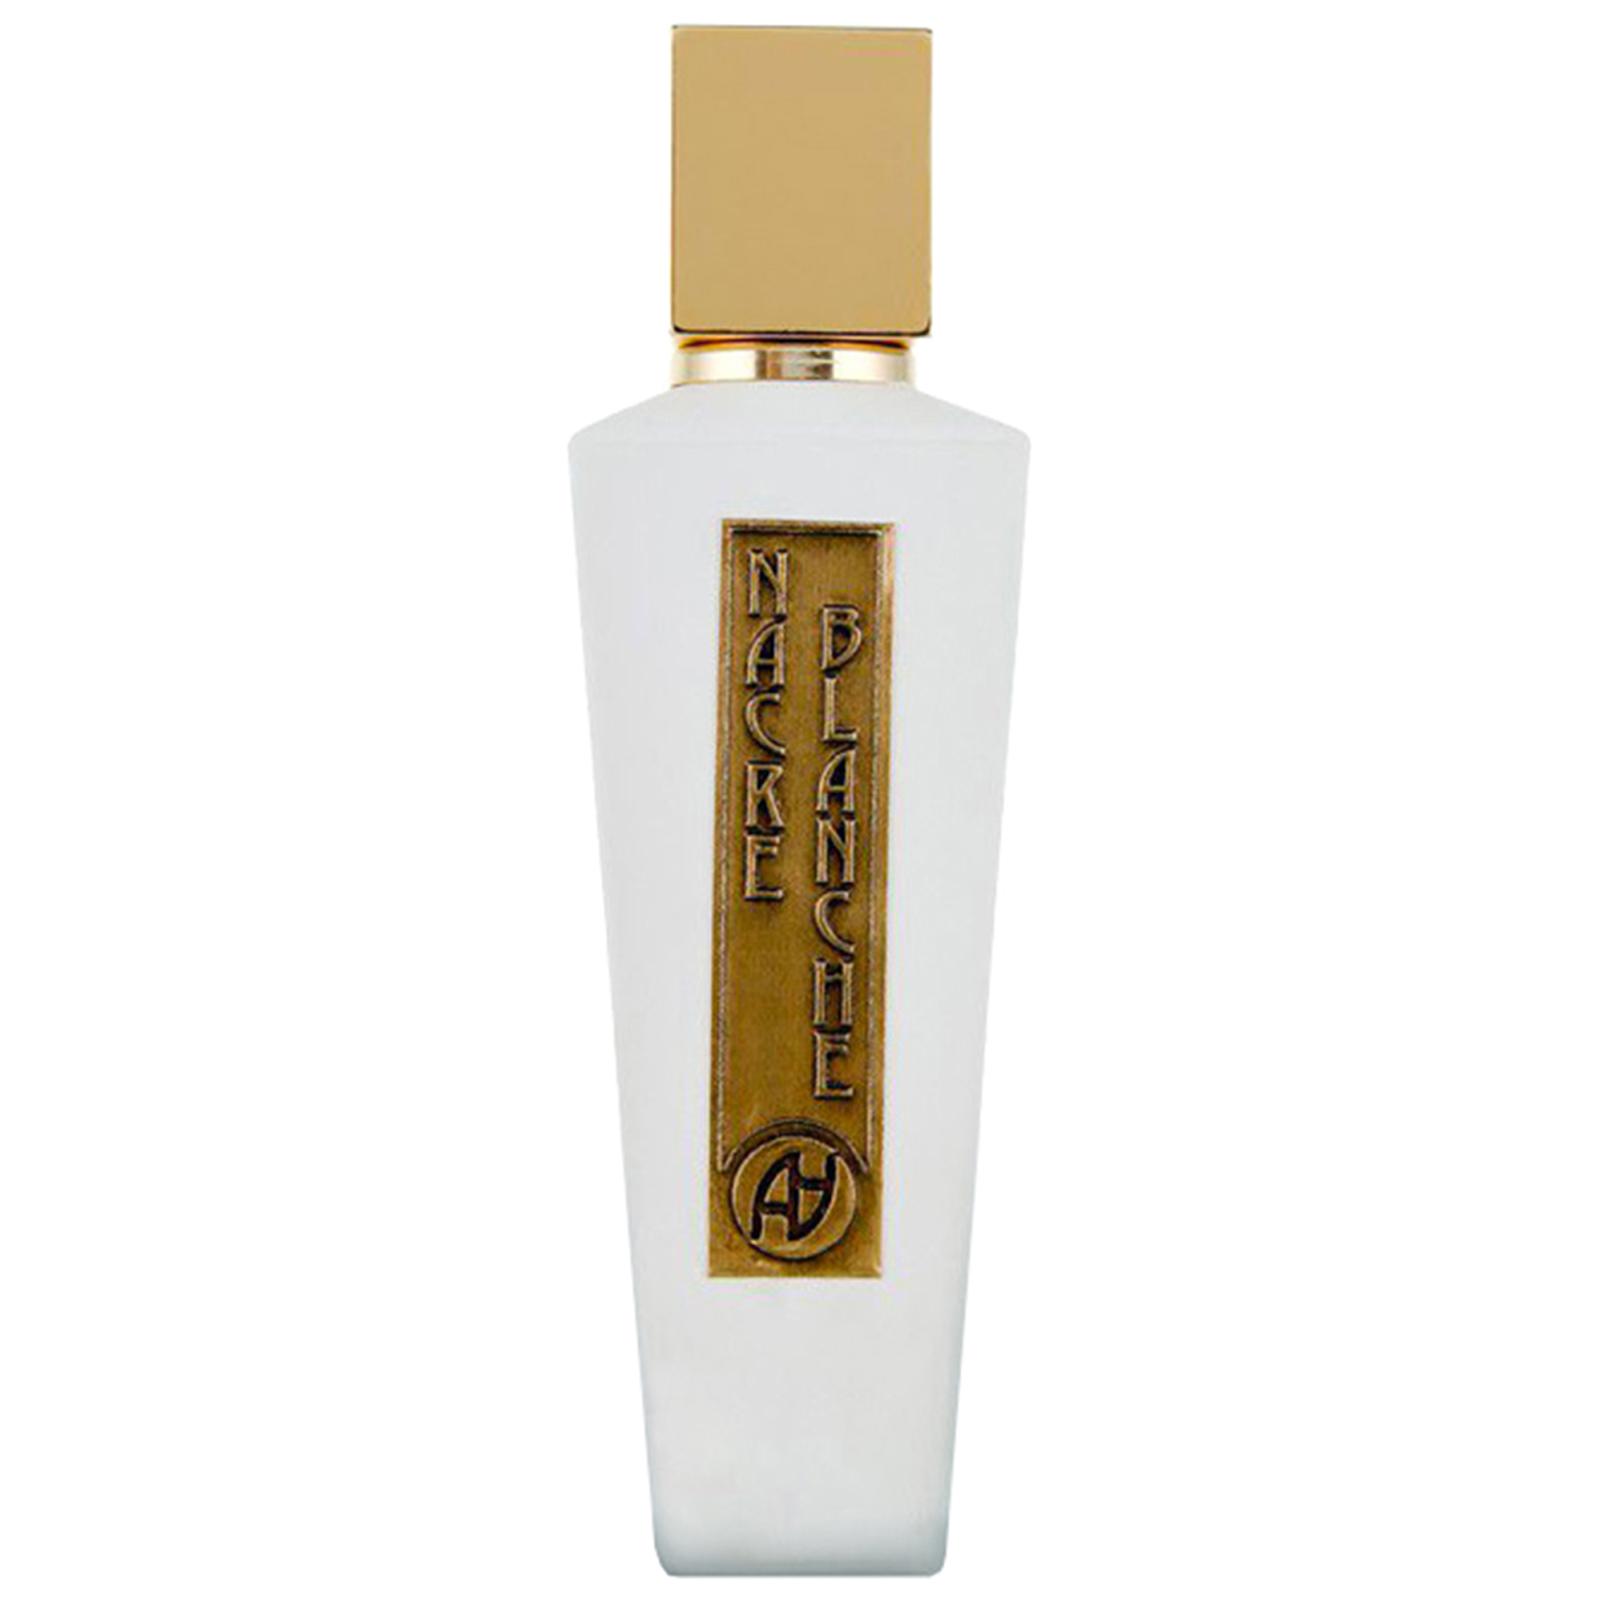 Nacre blanche profumo eau de parfum 50 ml